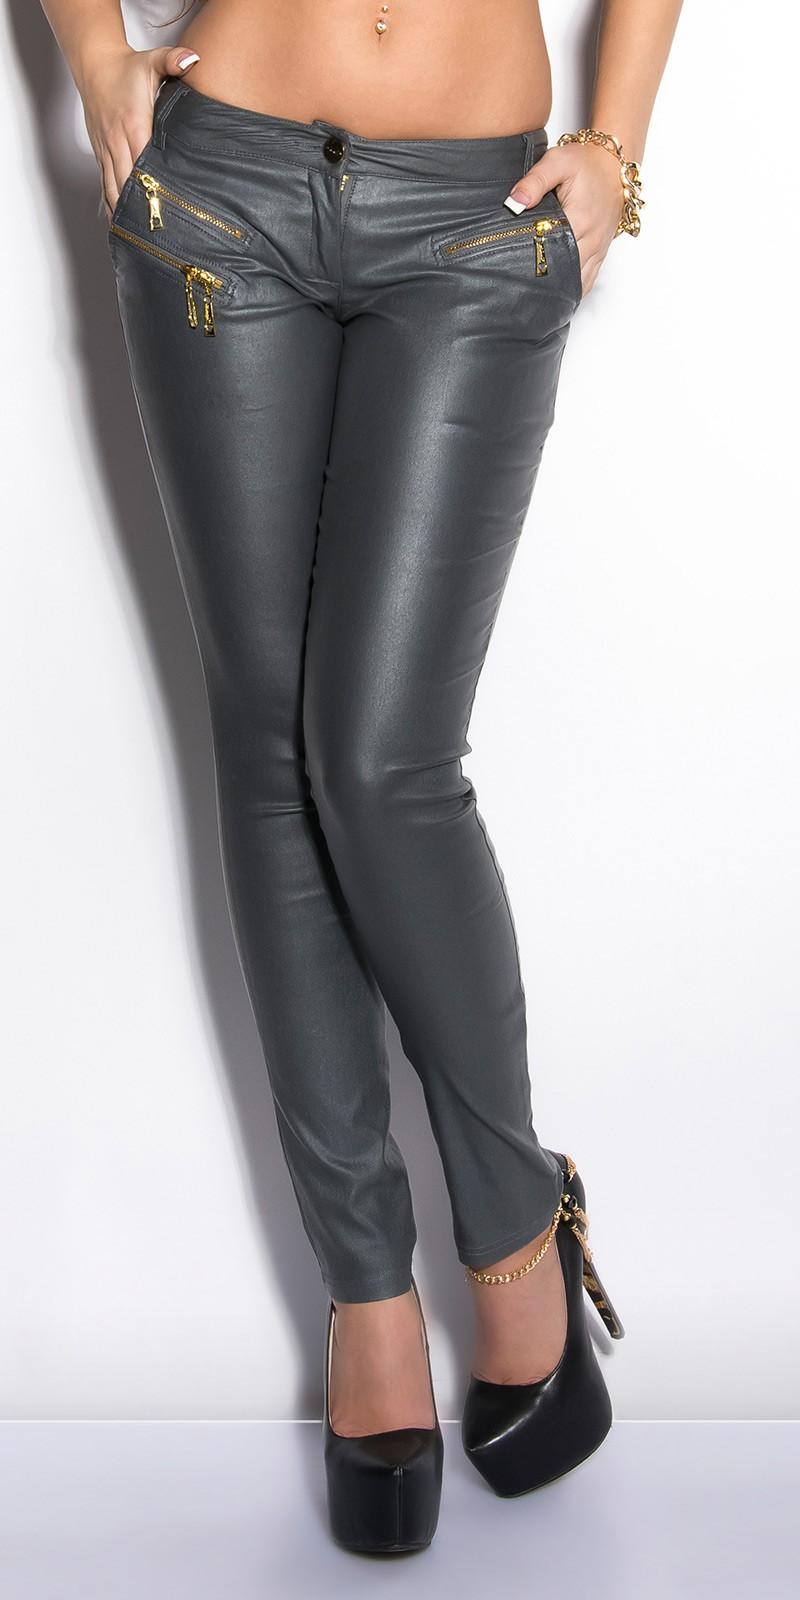 09cc0ee7a5 Bőrhatású női nadrág cipzárral - Szürke (XL). Szállítási idő: ...